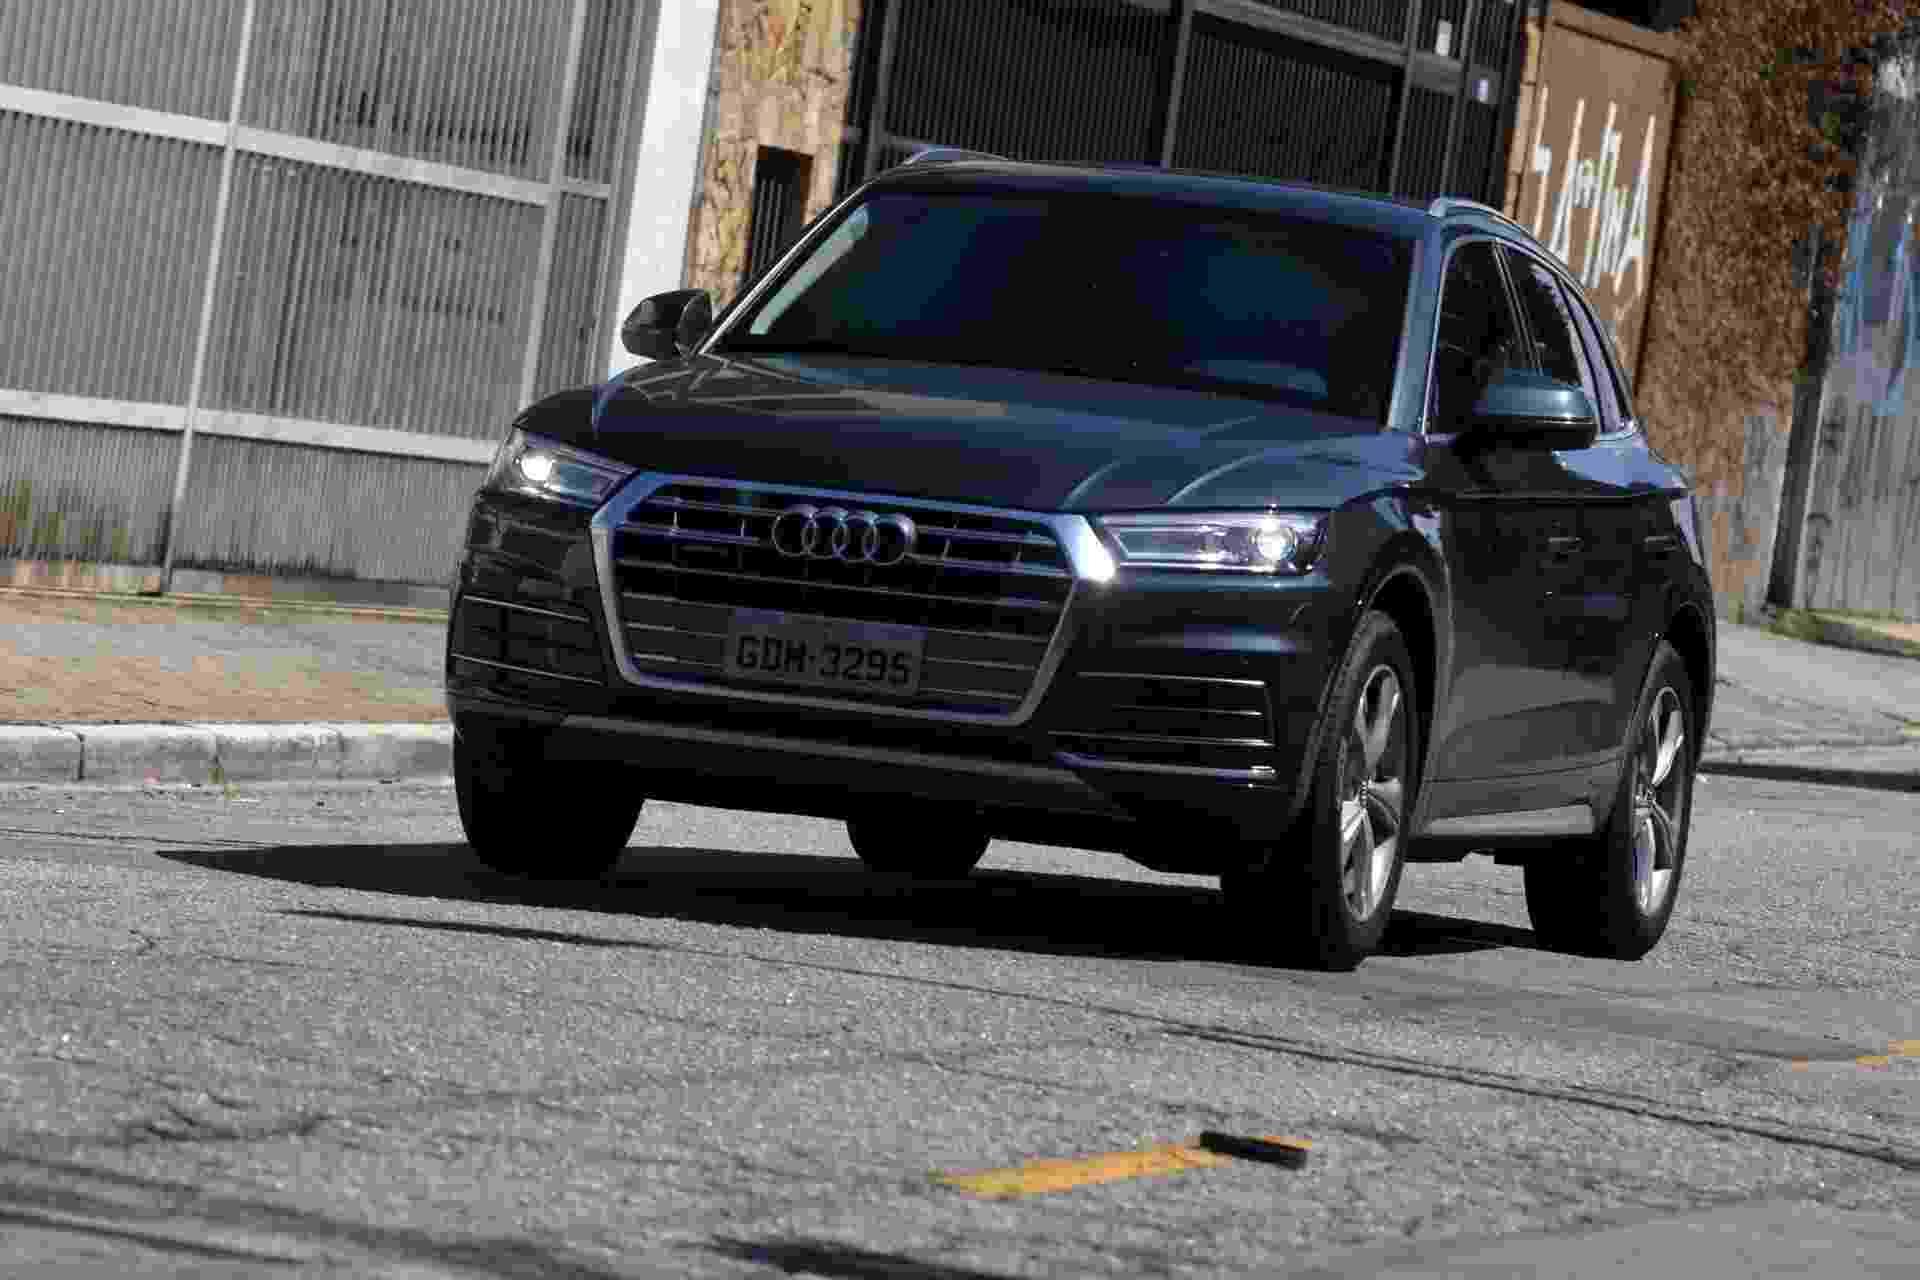 Audi Q5 Security - Murilo Góes/UOL